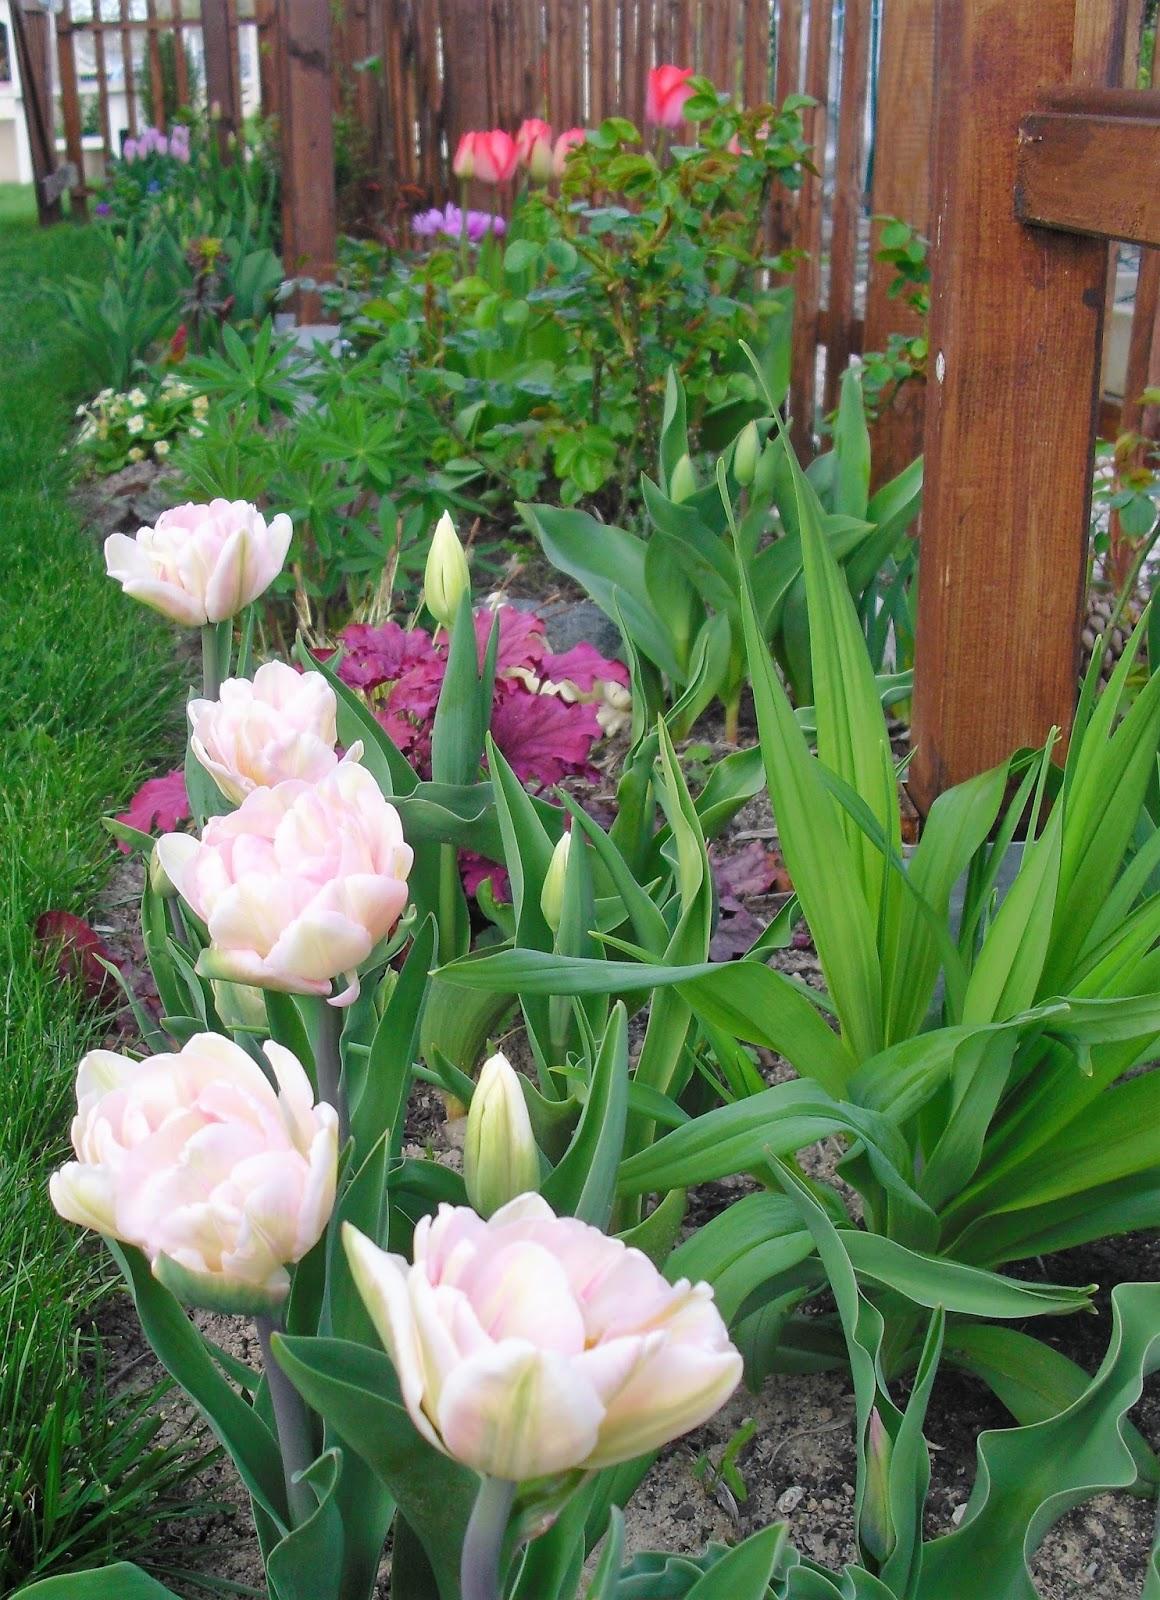 Mon petit jardin en sologne premi res tulipes - Planter des tulipes en mars ...